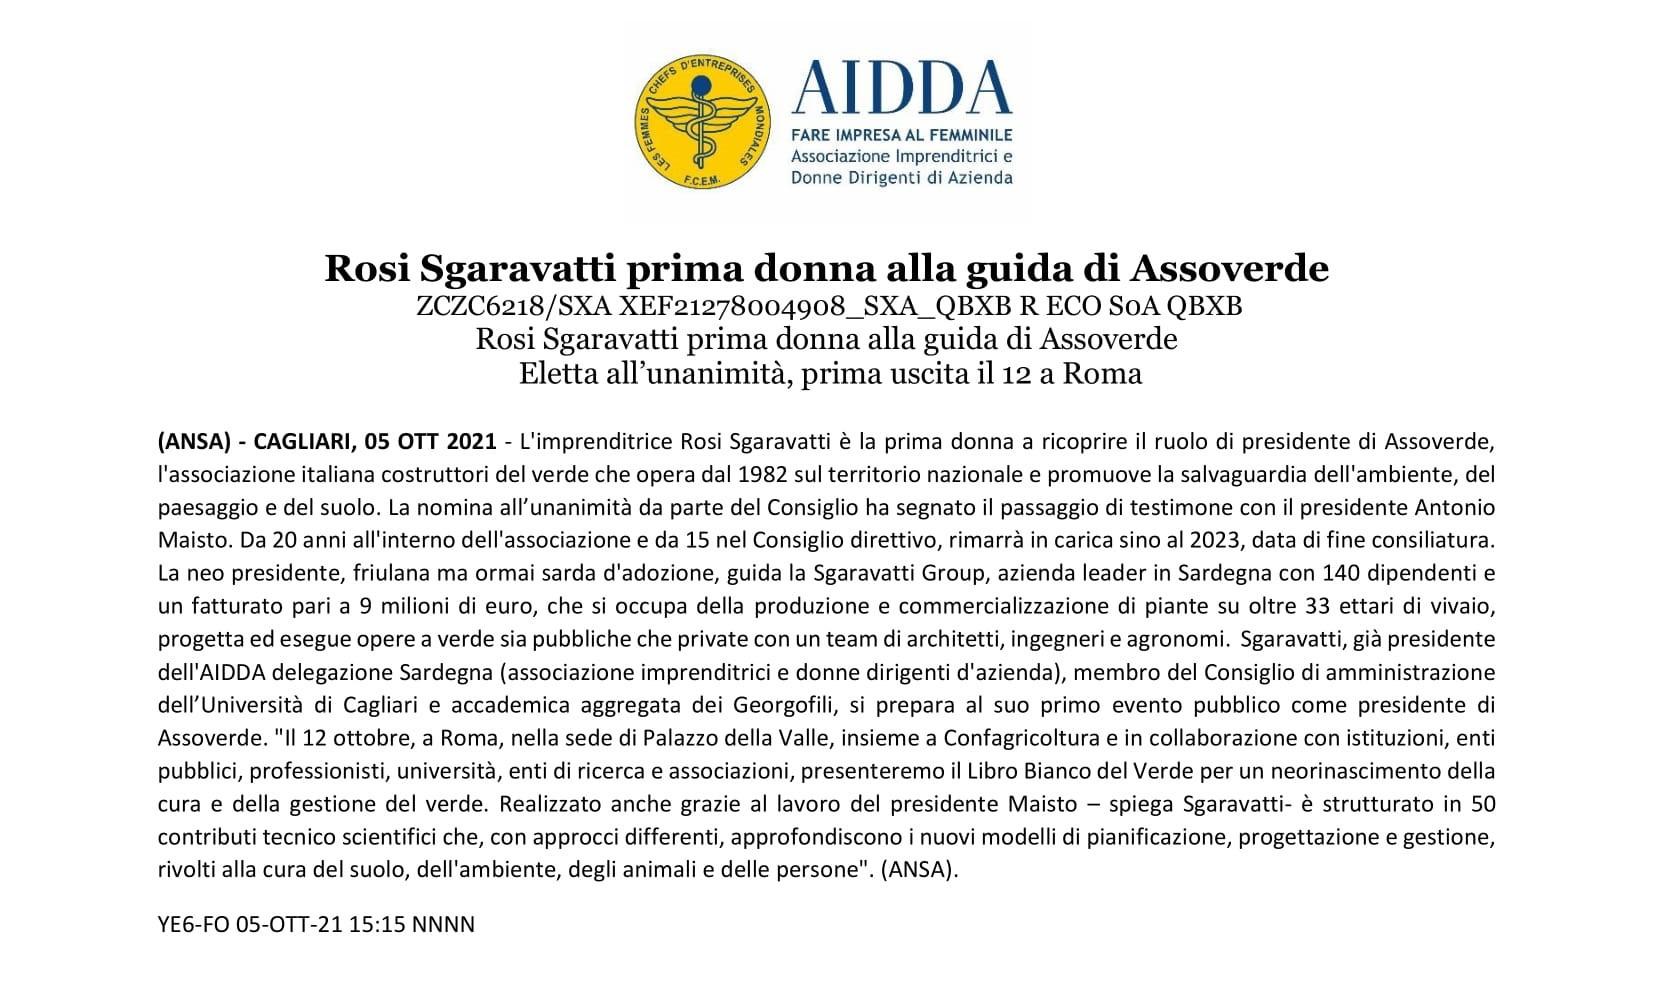 Comunicato Stampa - Rosi Sgaravatti prima donna alla guida di Assoverde - 5 ottobre 2021.jpg